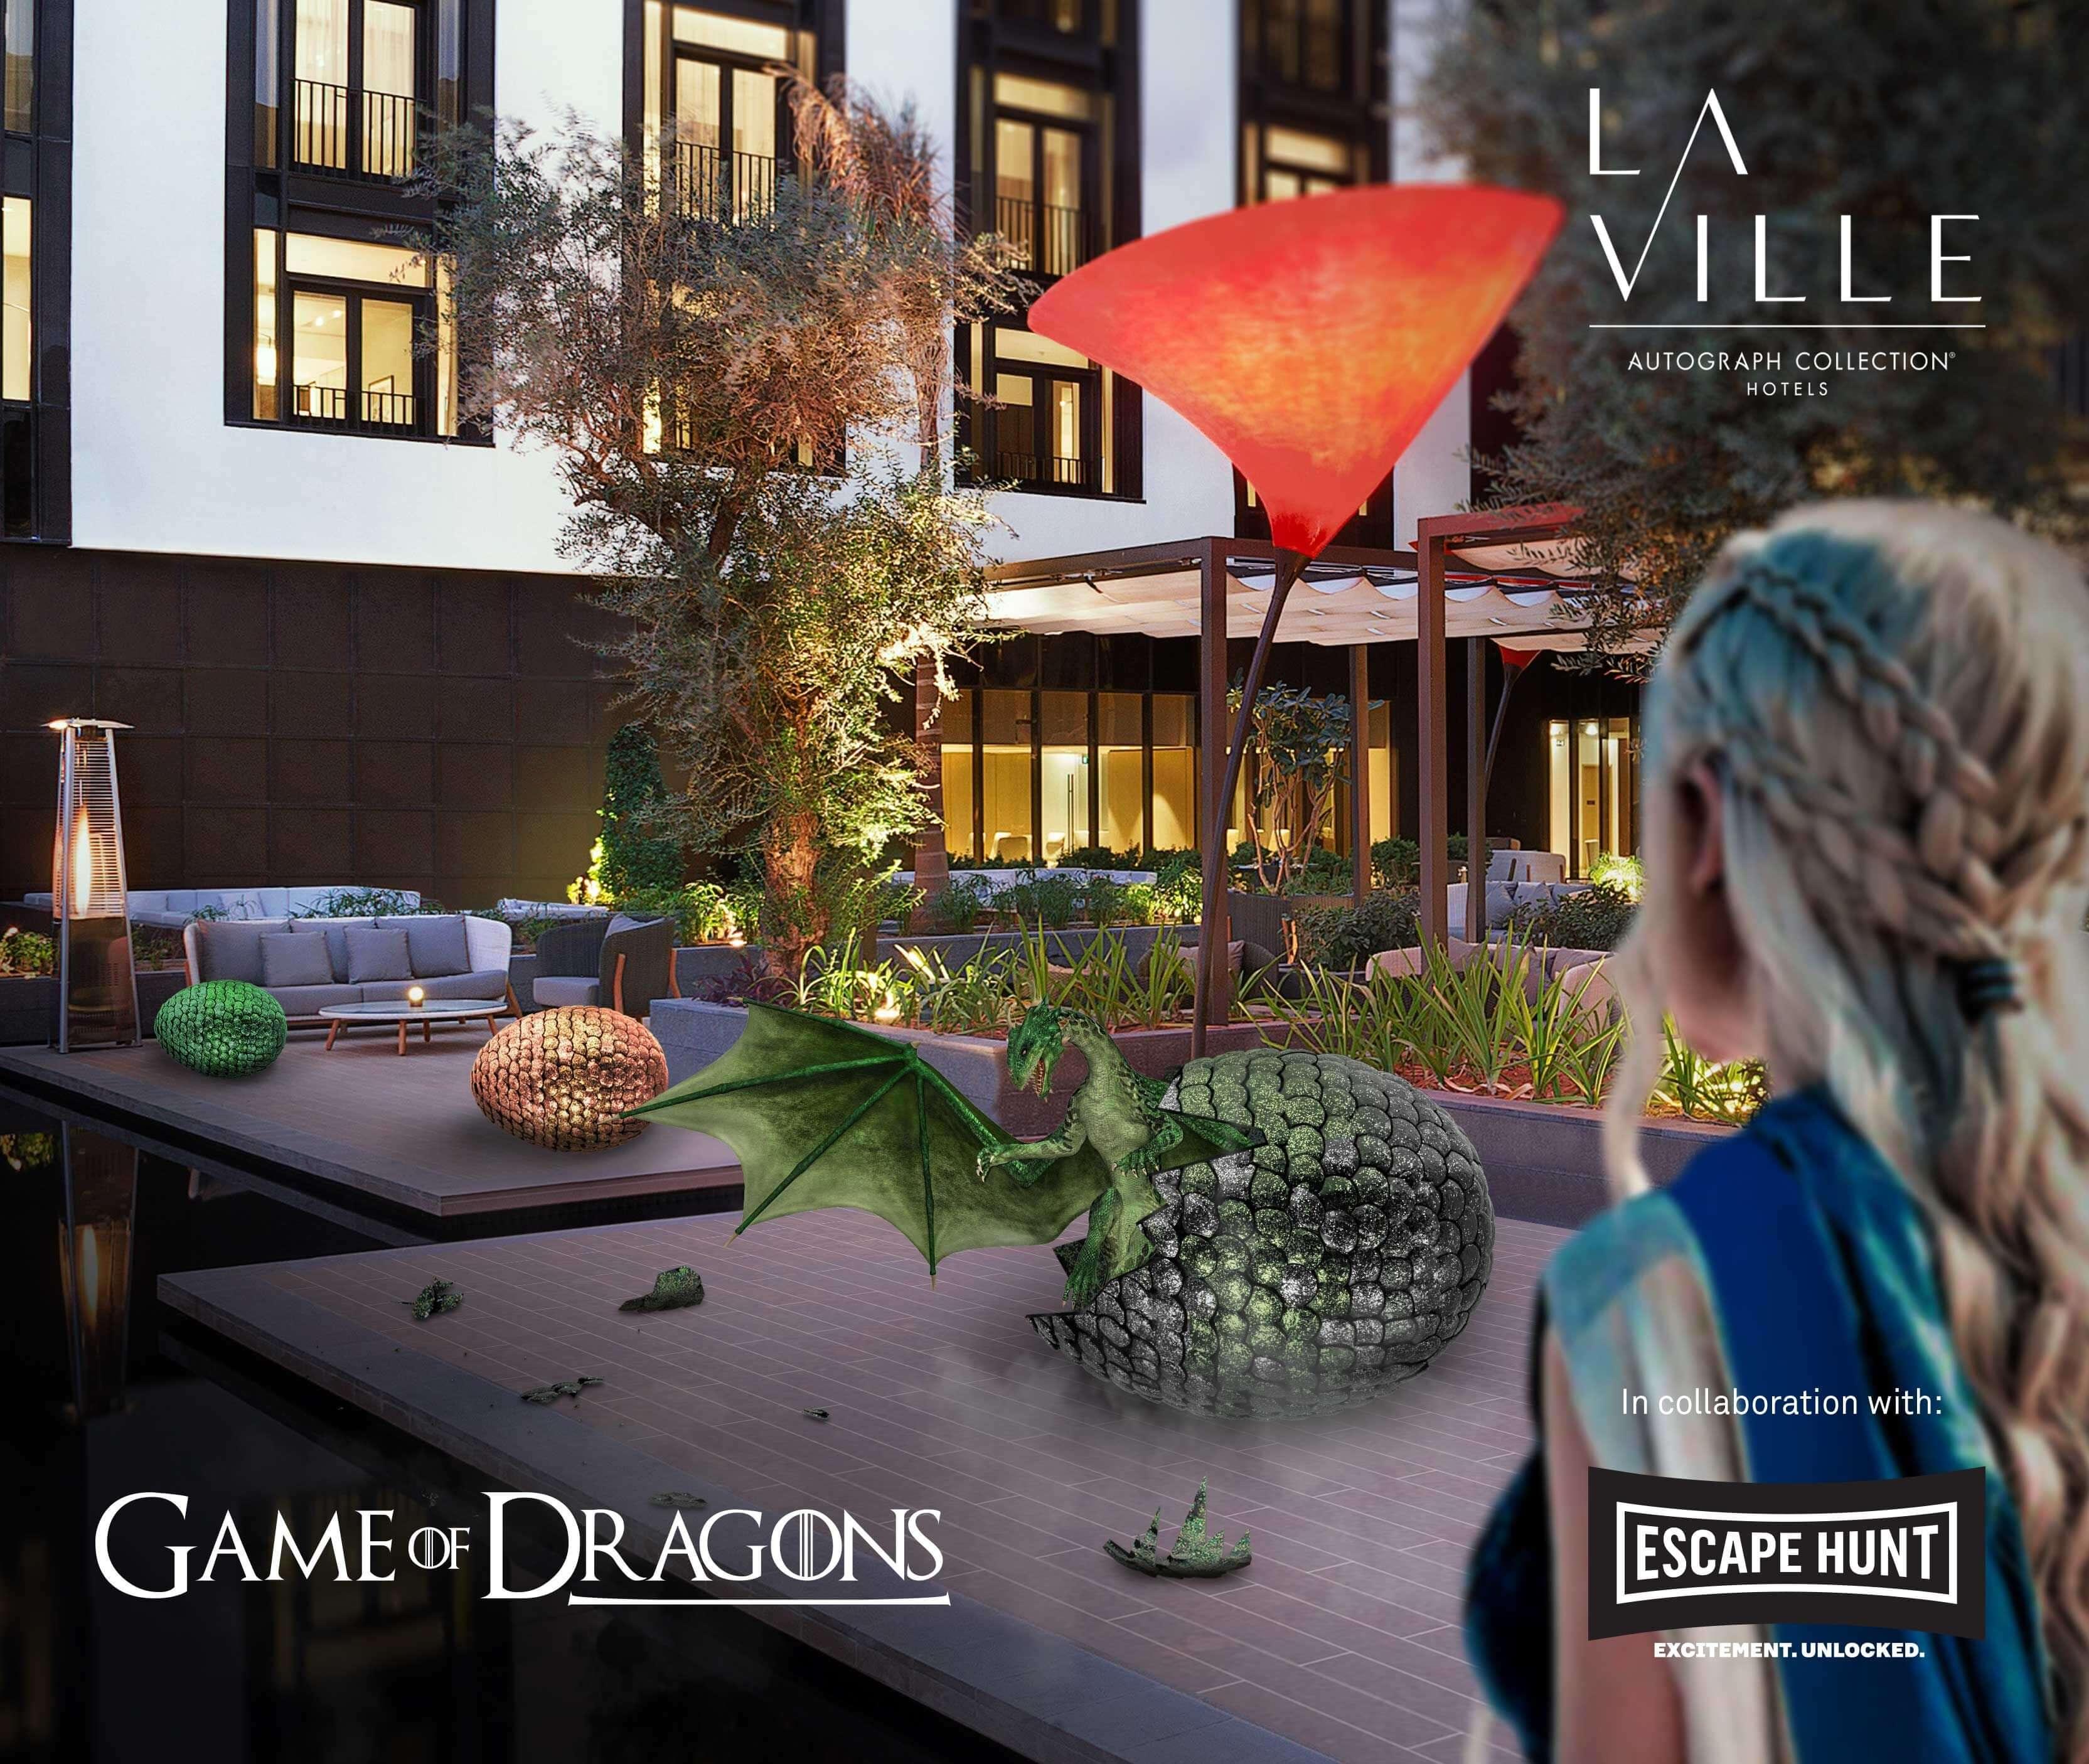 فندق وأجنحة لافيل يحتفل بعيد الفصح بلعبة بحث مشوقة